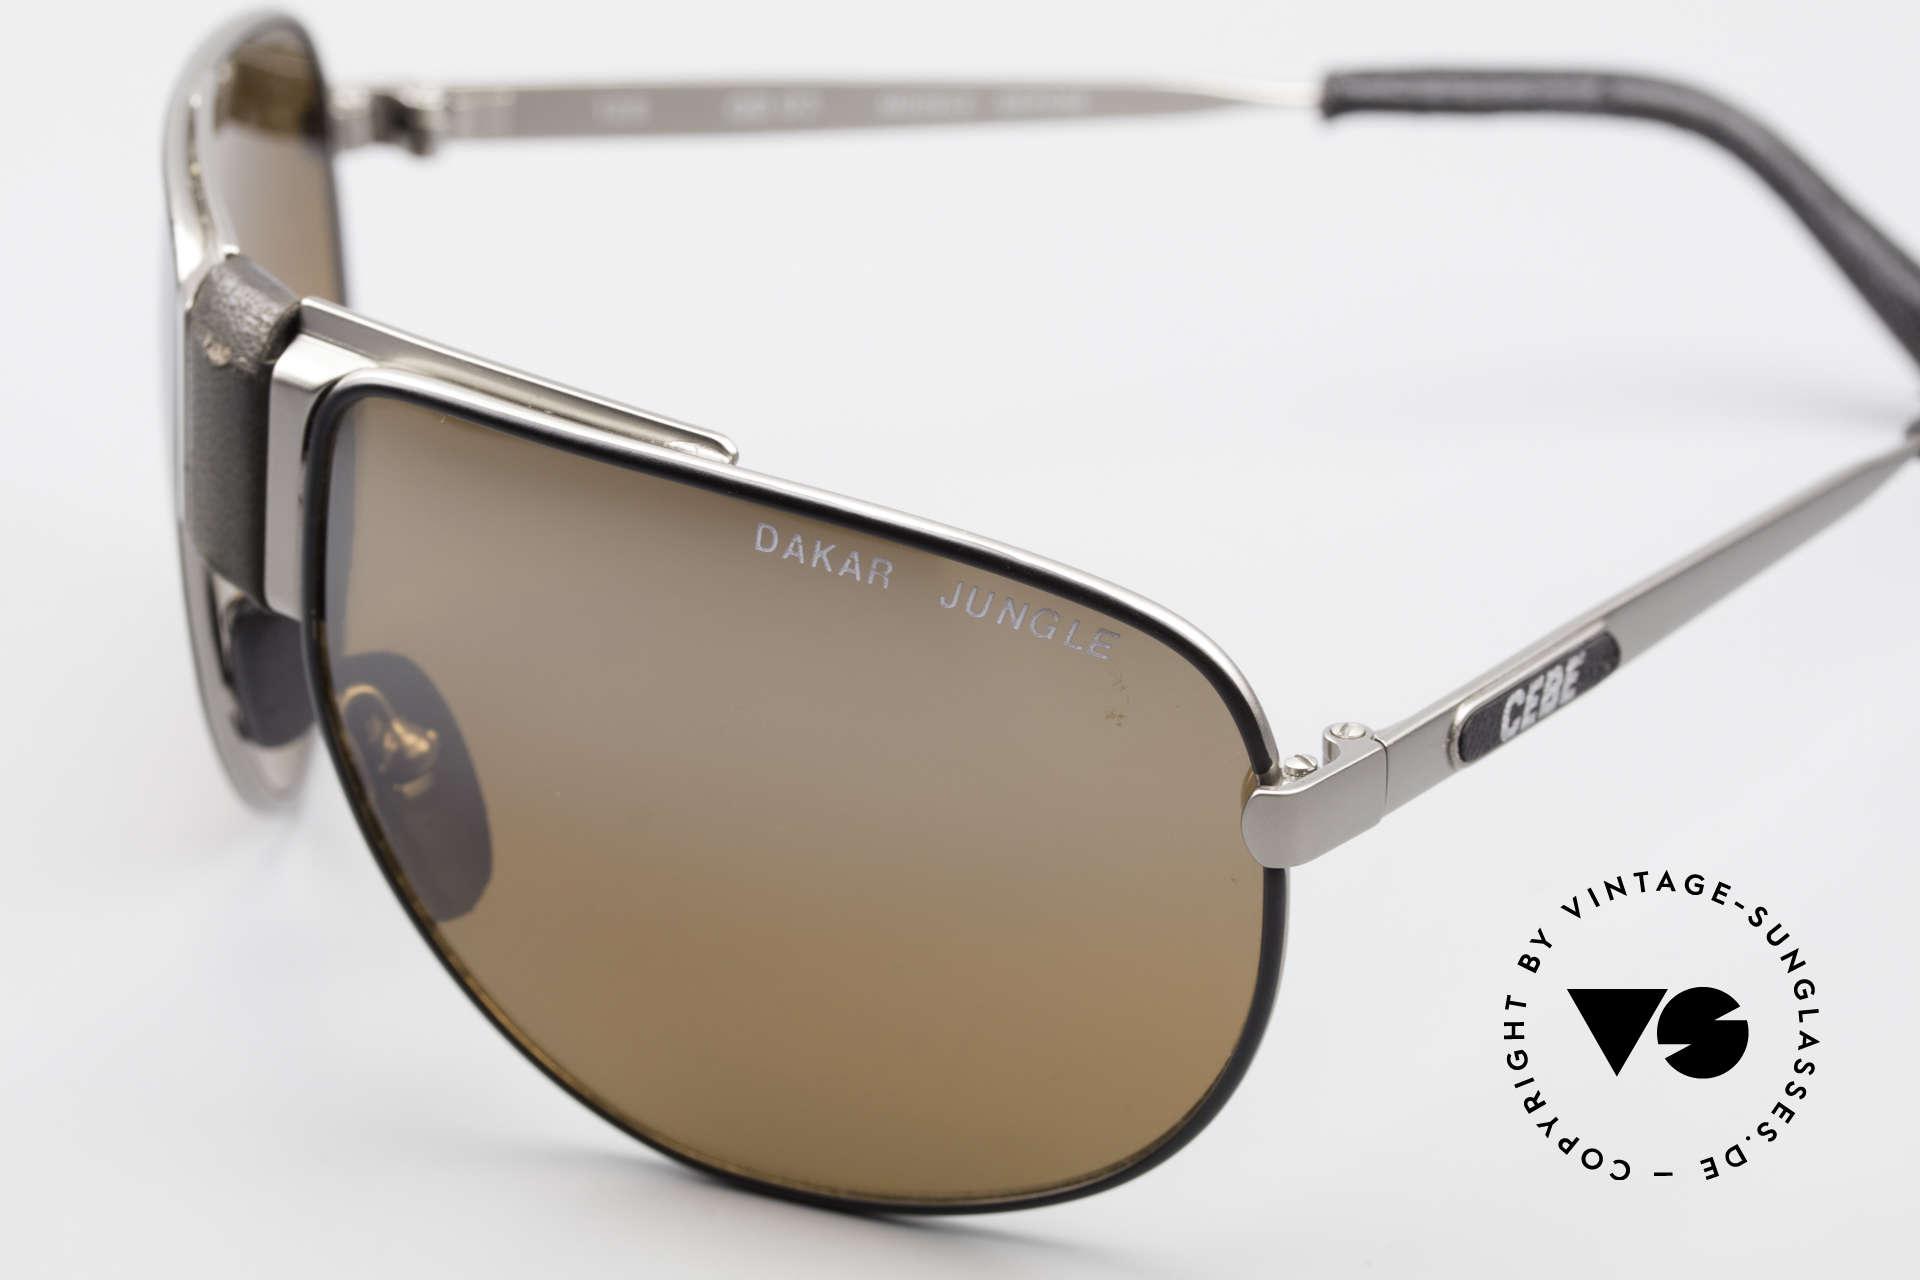 Cebe Dakar Jungle QD02 High-Tech Renn Sonnenbrille, flexible Rahmenkonstruktion für ideale Passform, Passend für Herren und Damen